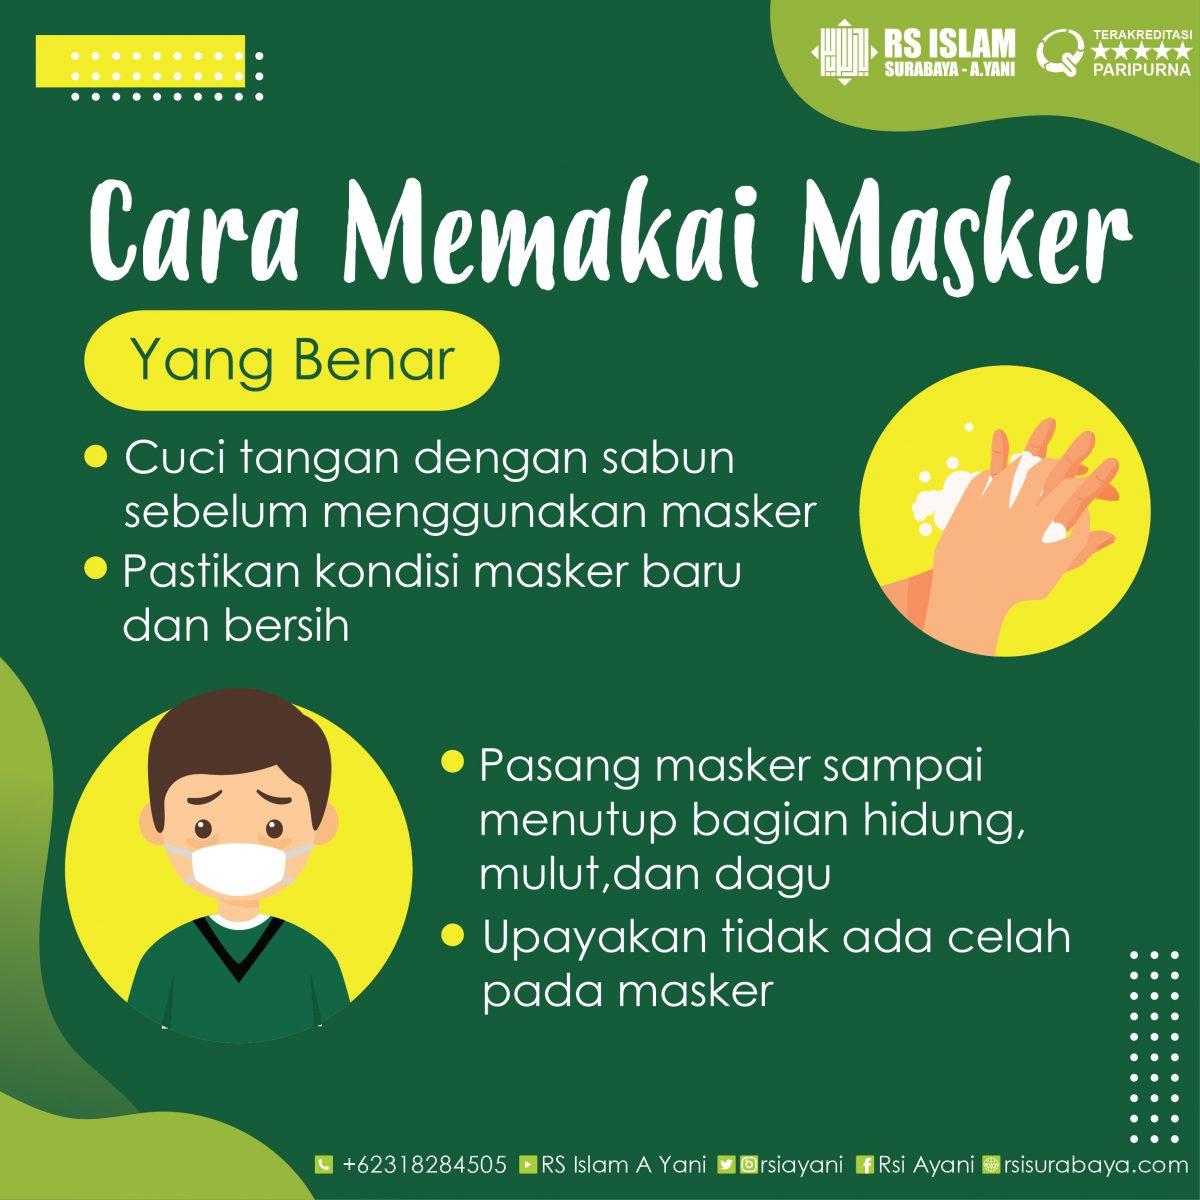 cara-memakai-masker-01-1200x1200.jpg